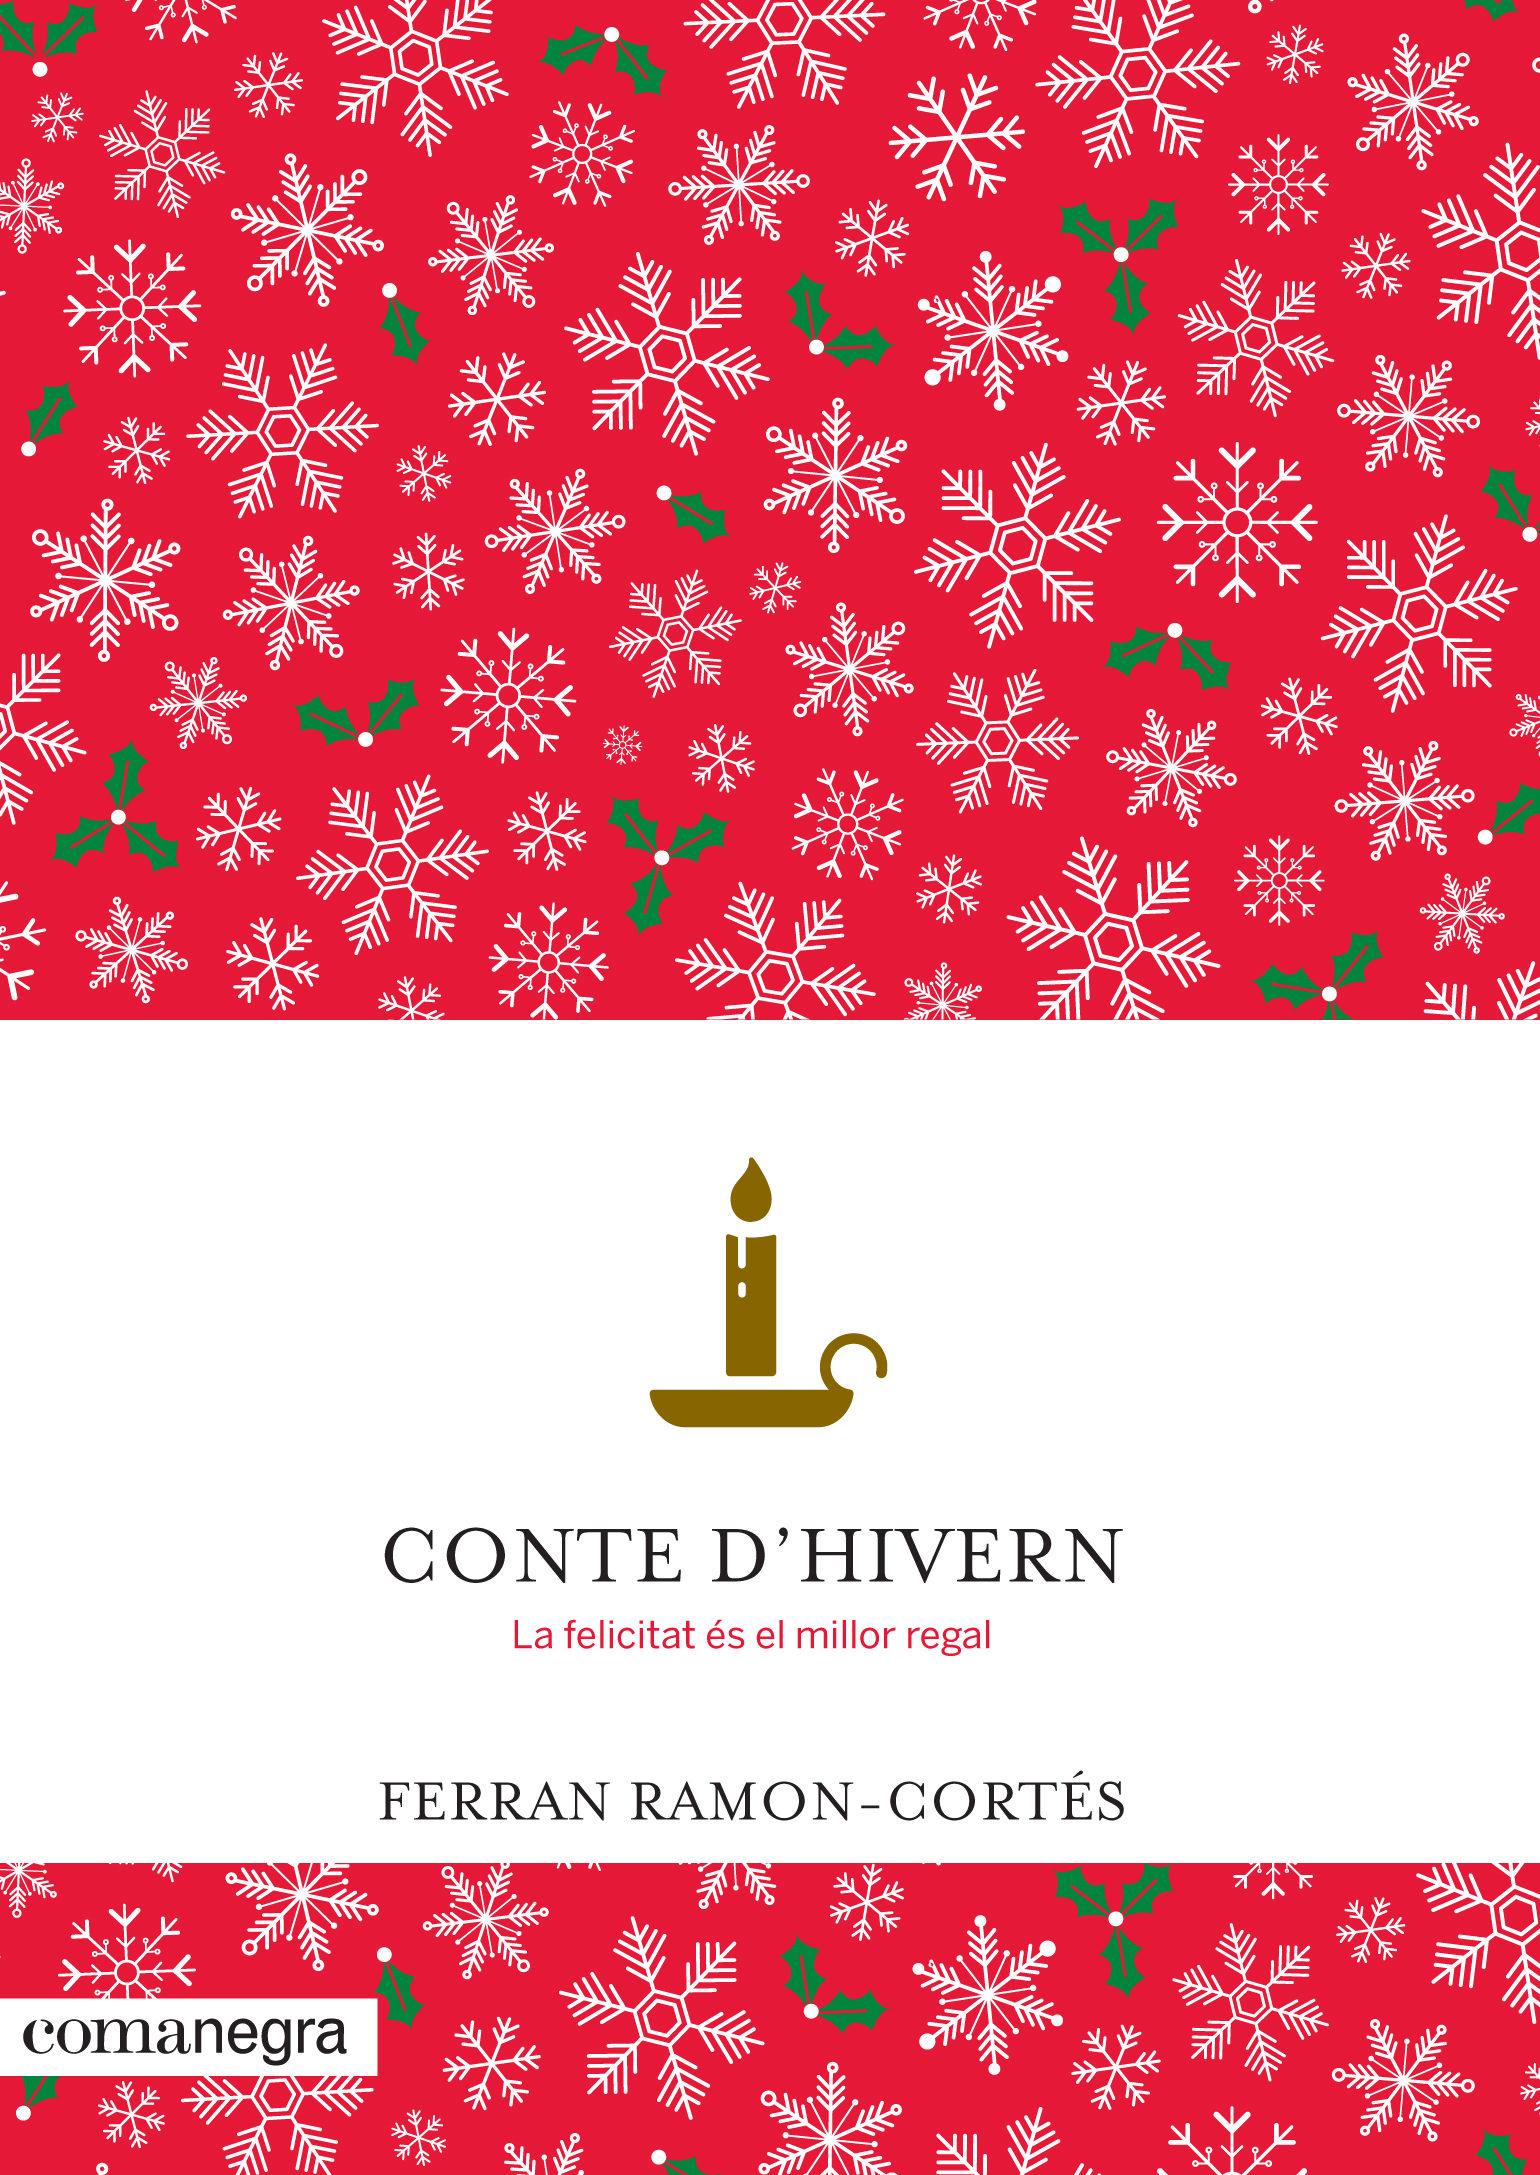 conte d hivern-ferran ramon-cortes-9788416605002